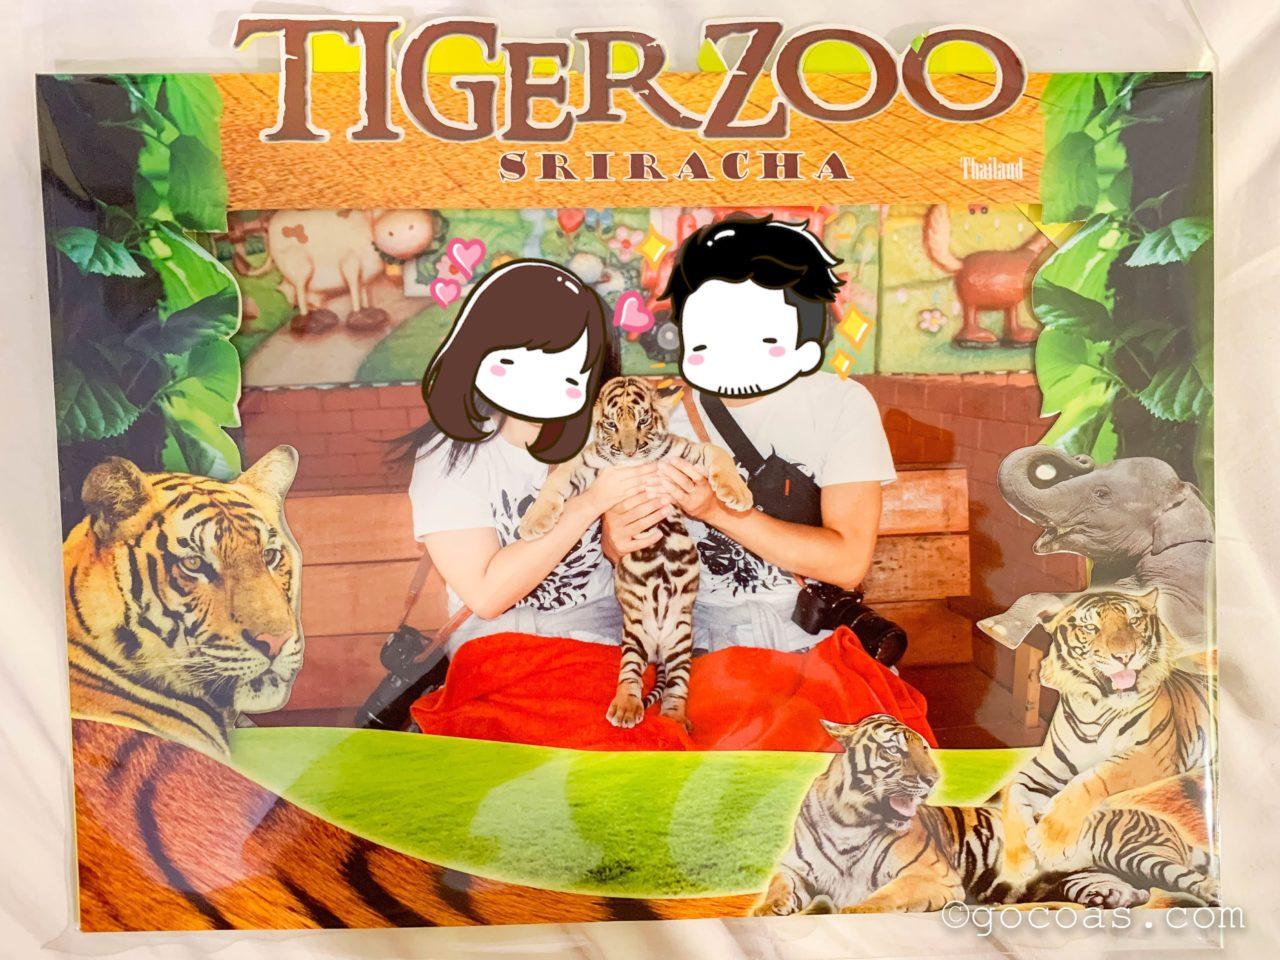 シラチャタイガーズーでトラの赤ちゃんを抱っこするこーしとあいりの写真